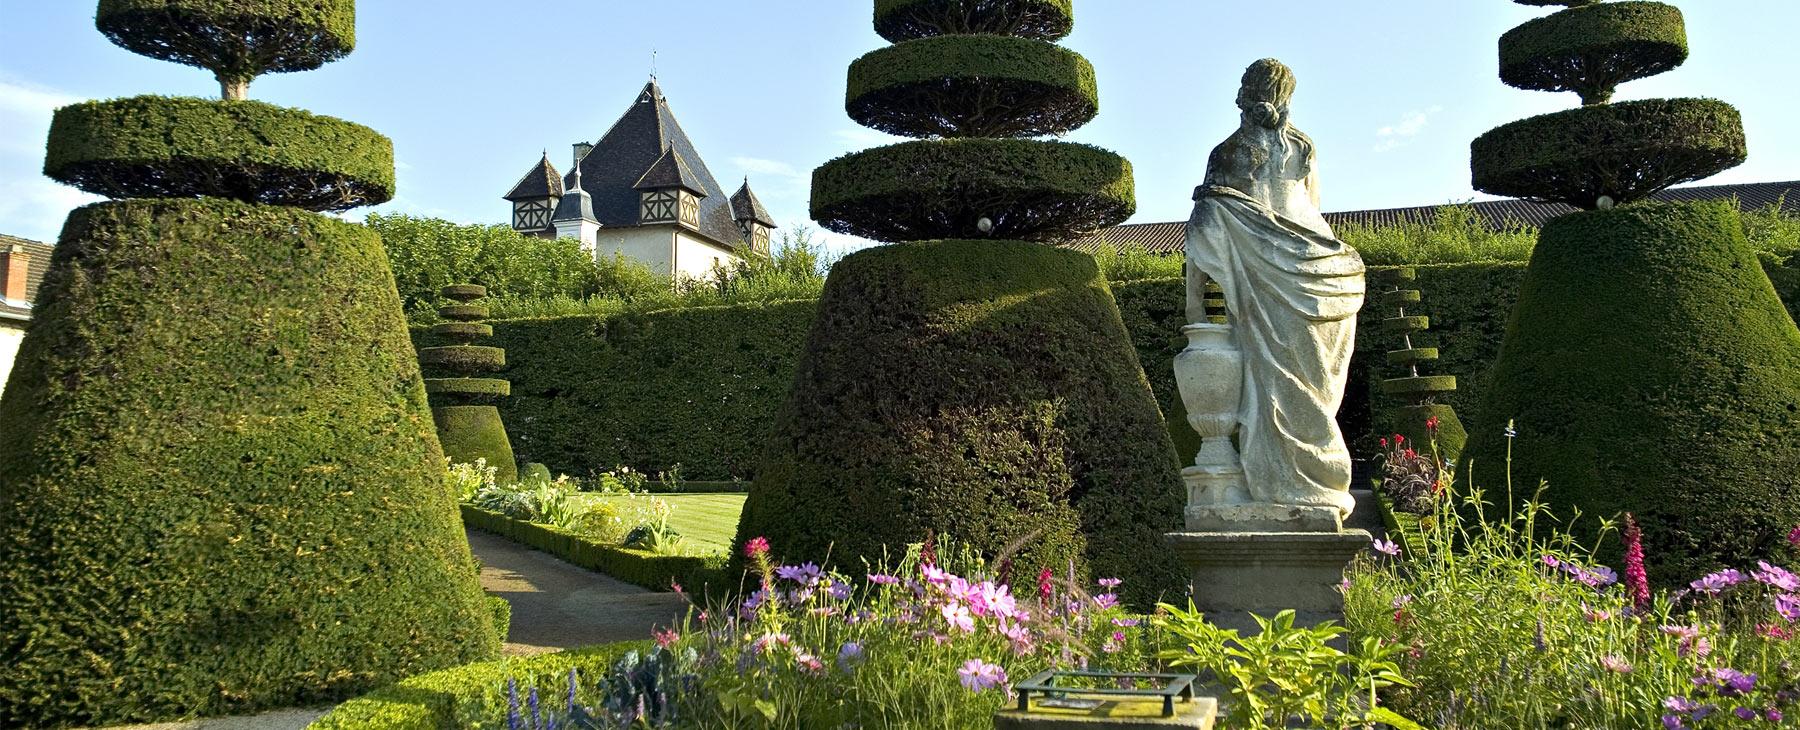 Grand parc miribel jonage vaulx en velin patrimoine culturel lyon et dans le rhone for Les jardins de lee